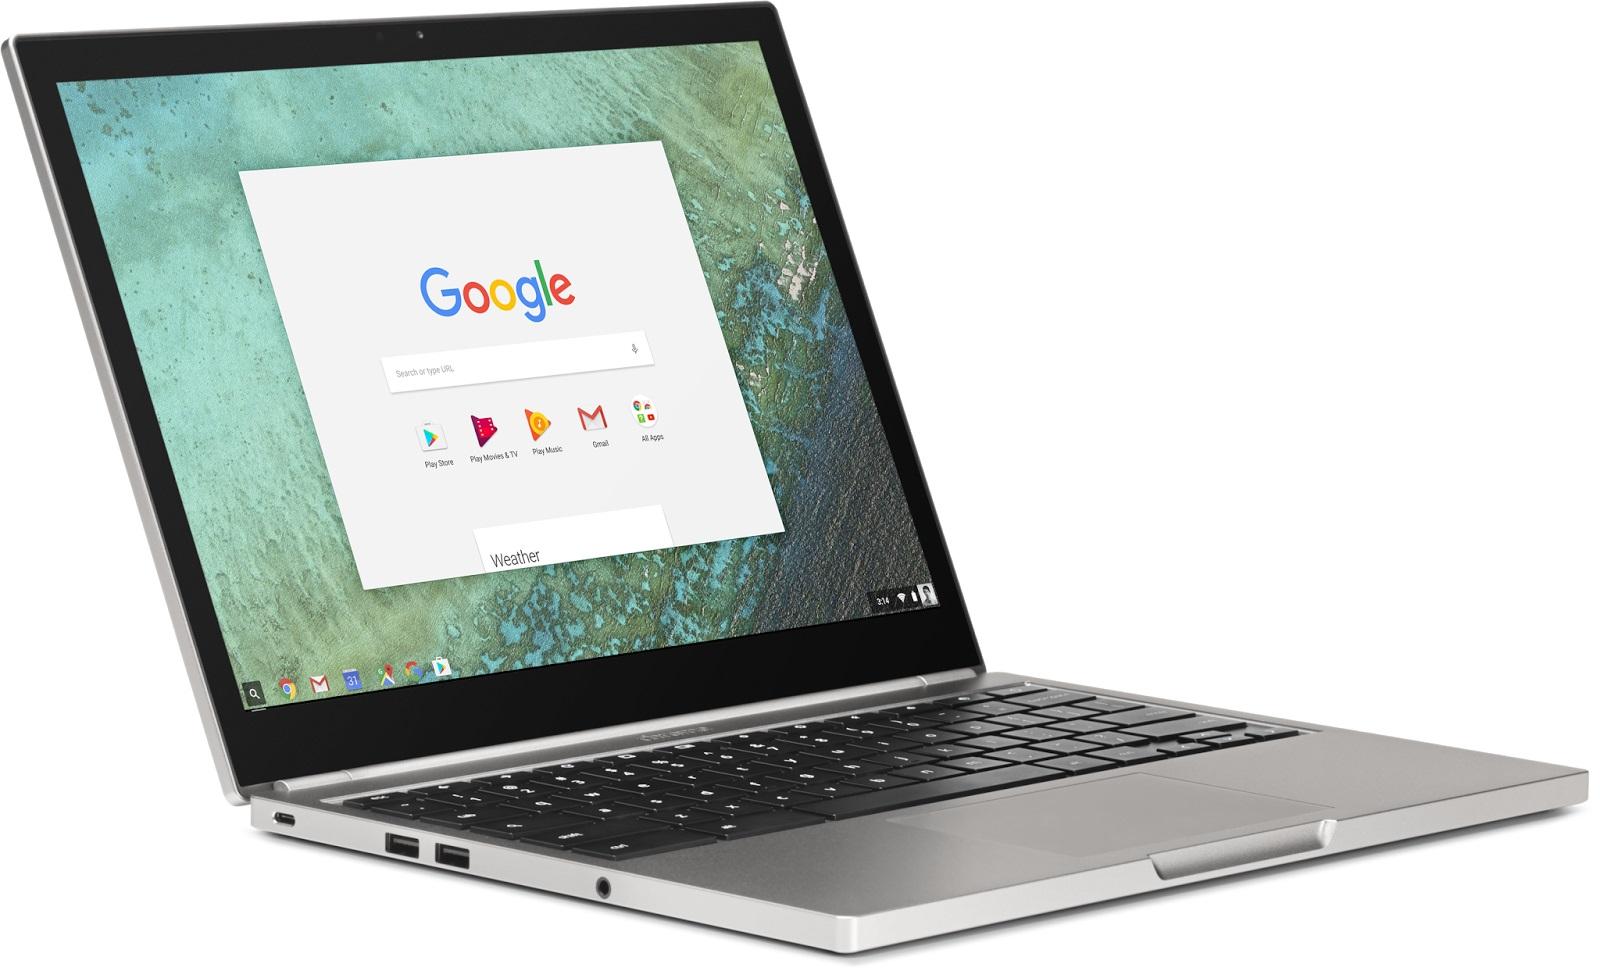 Chromebooks outsell Macs